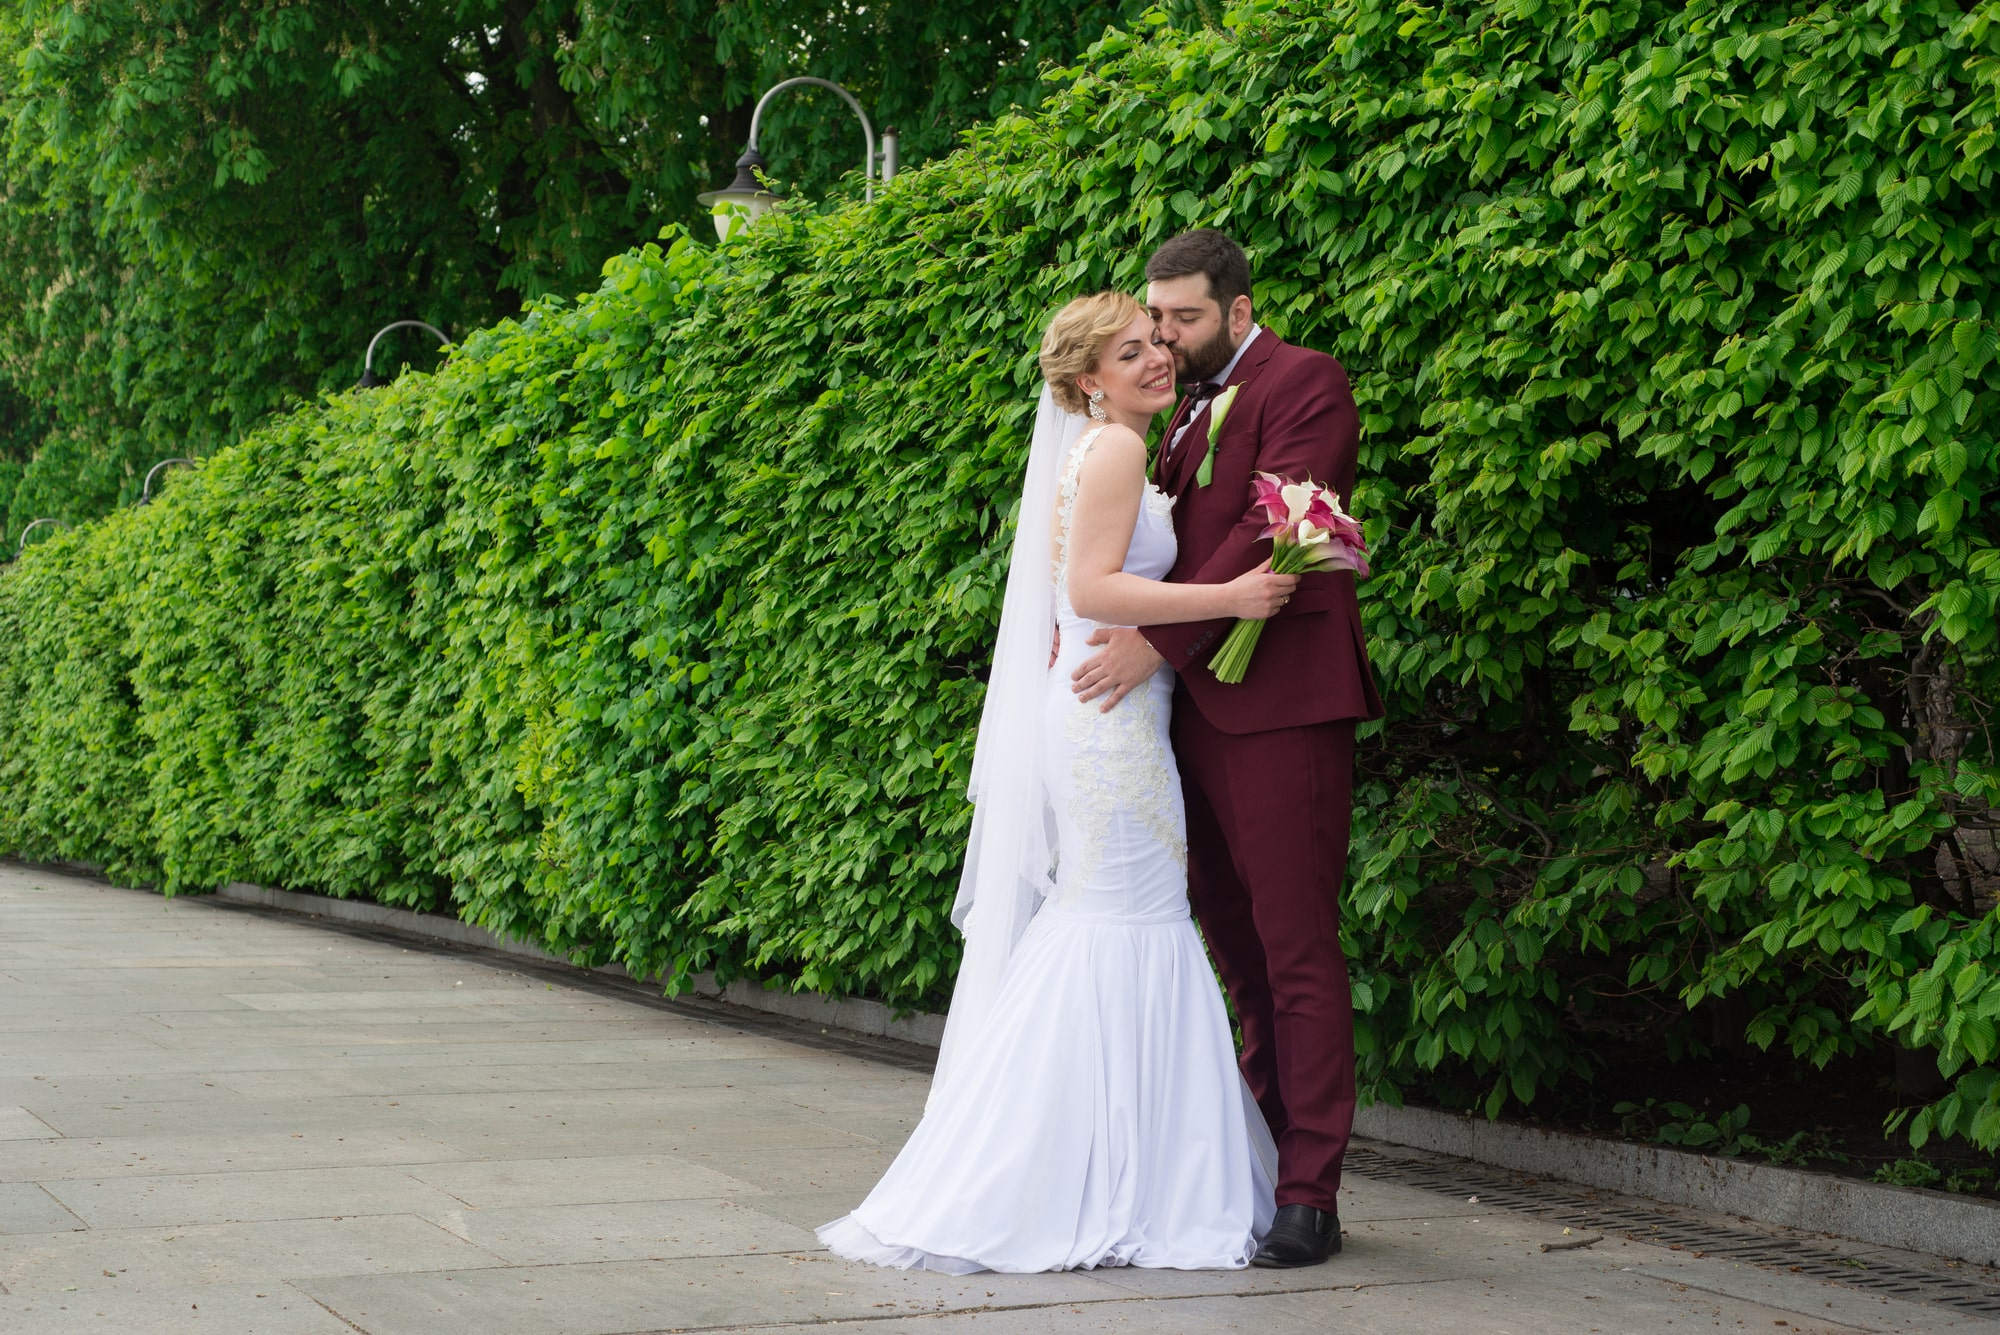 Свадебная фотосессия в парке - Фотограф Женя Лайт